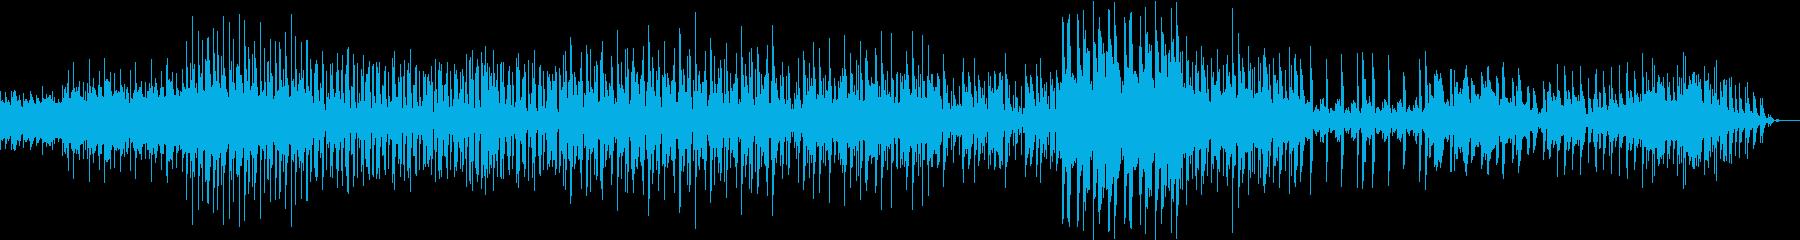 ラテン 物憂げ 奇妙 エキセントリックの再生済みの波形